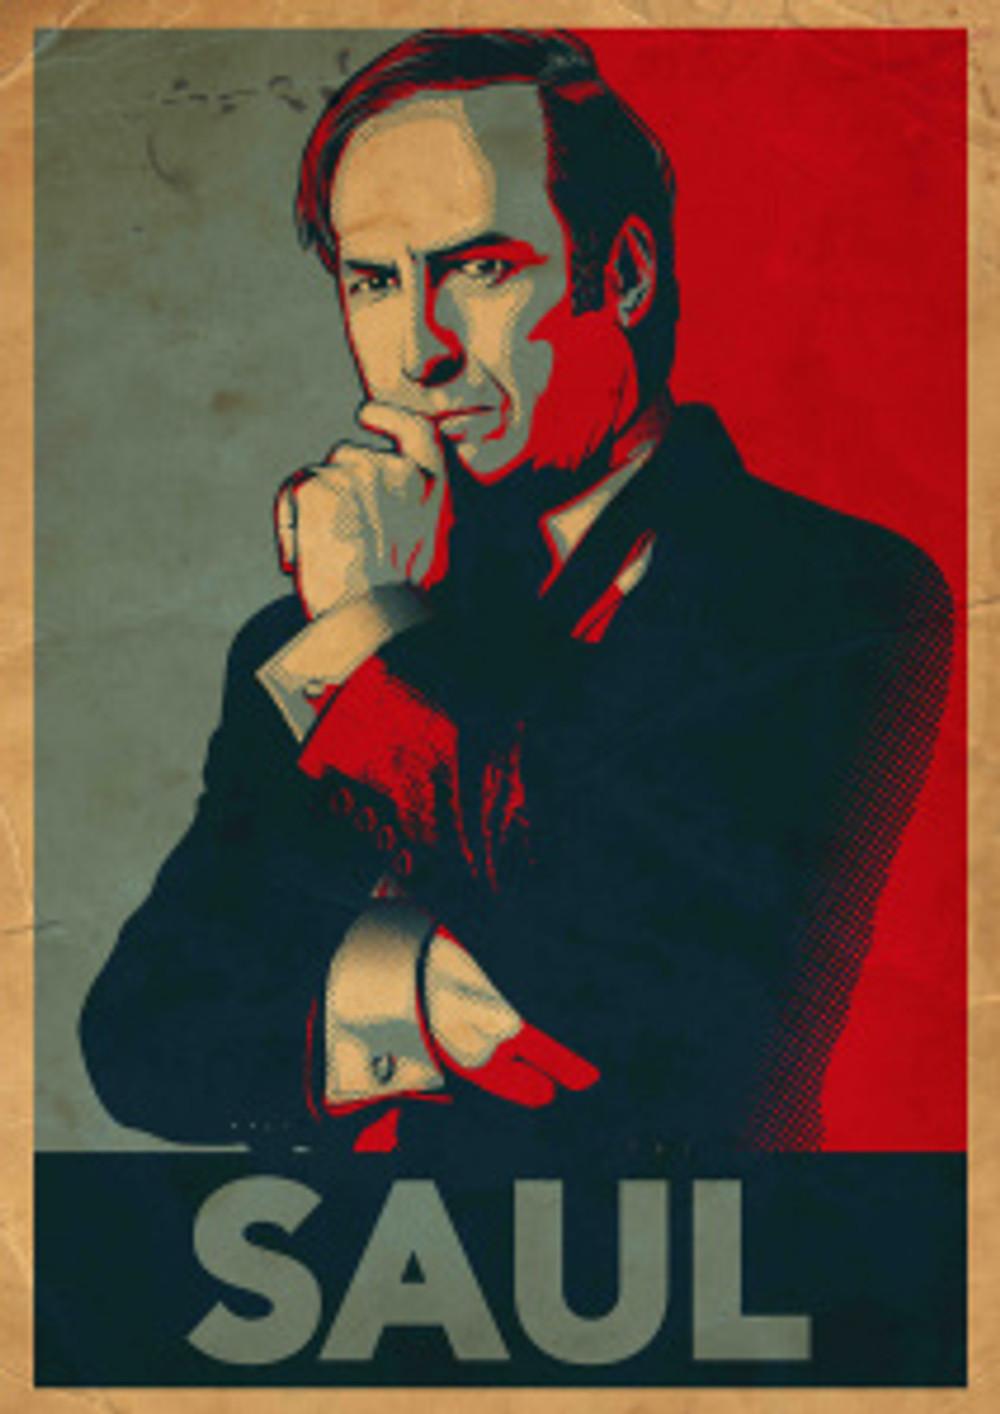 אחלה סדרה, אבל לא כמו המקור. Better Call Saul